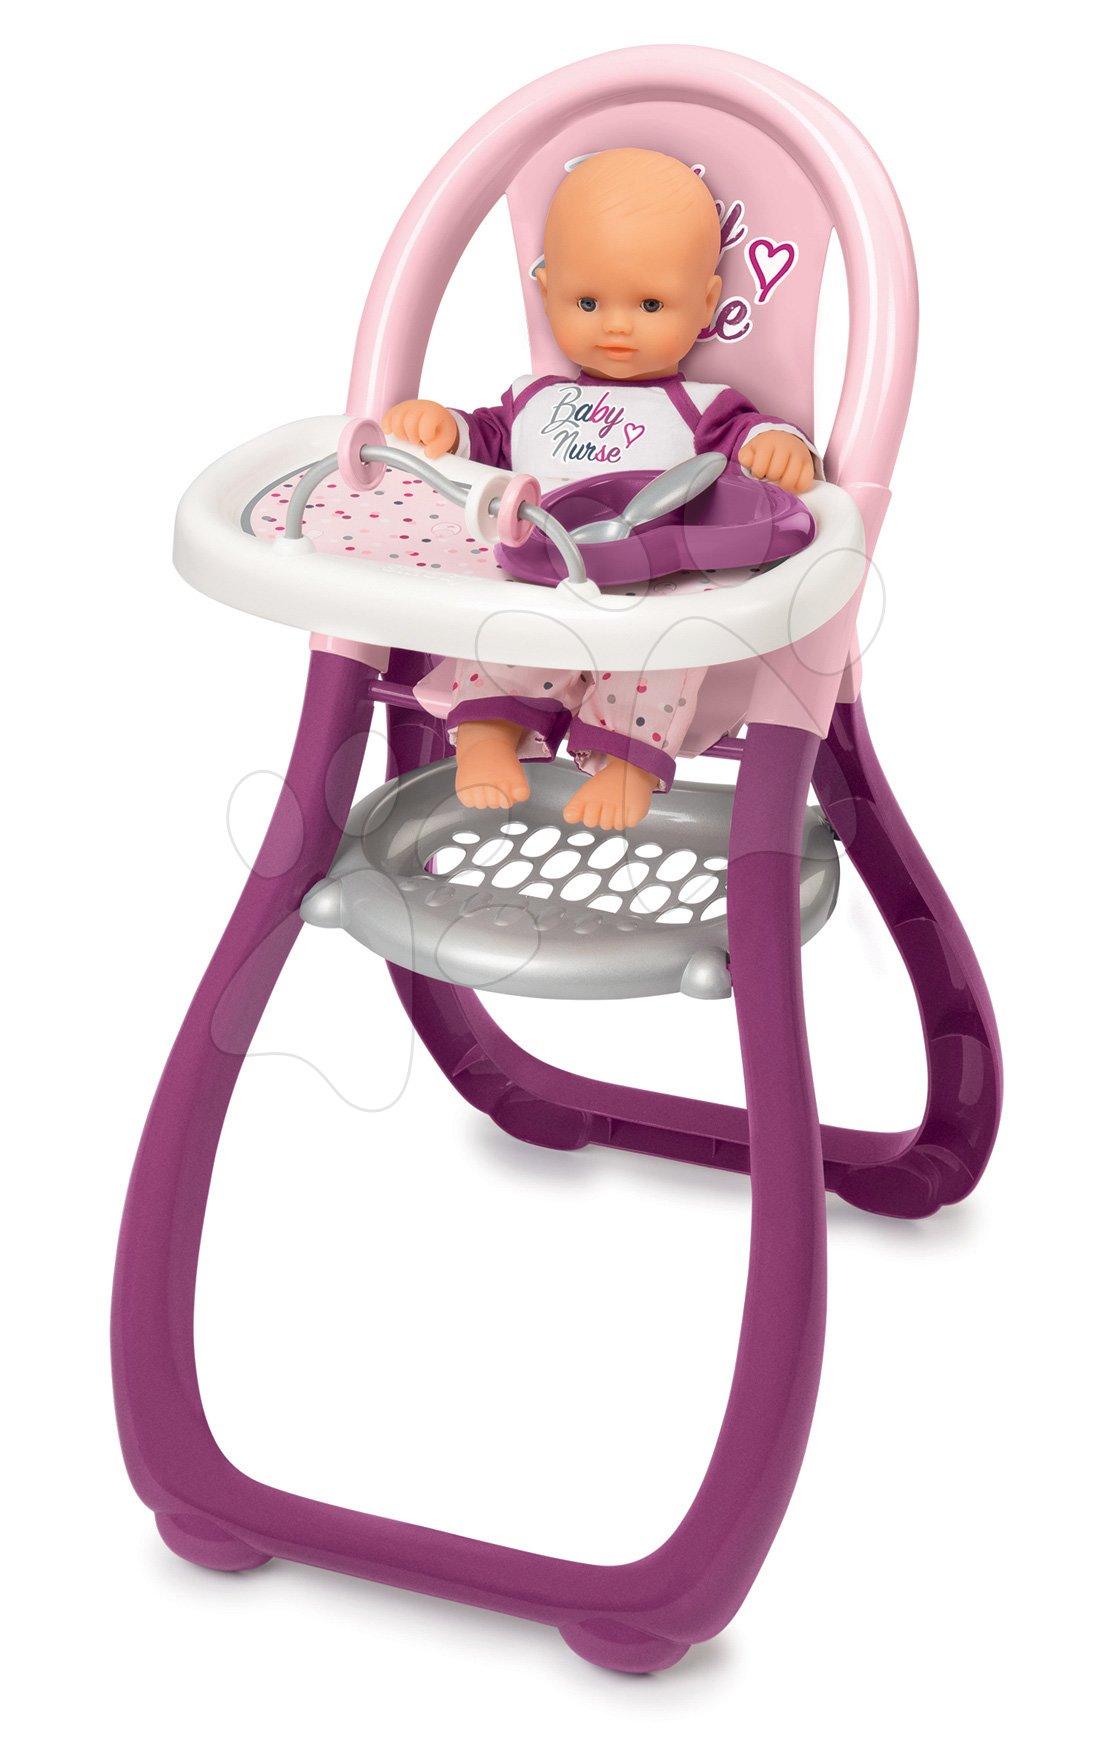 Jídelní židle Violette Baby Nurse Smoby pro panenku s 2 doplňky od 18 měsíců